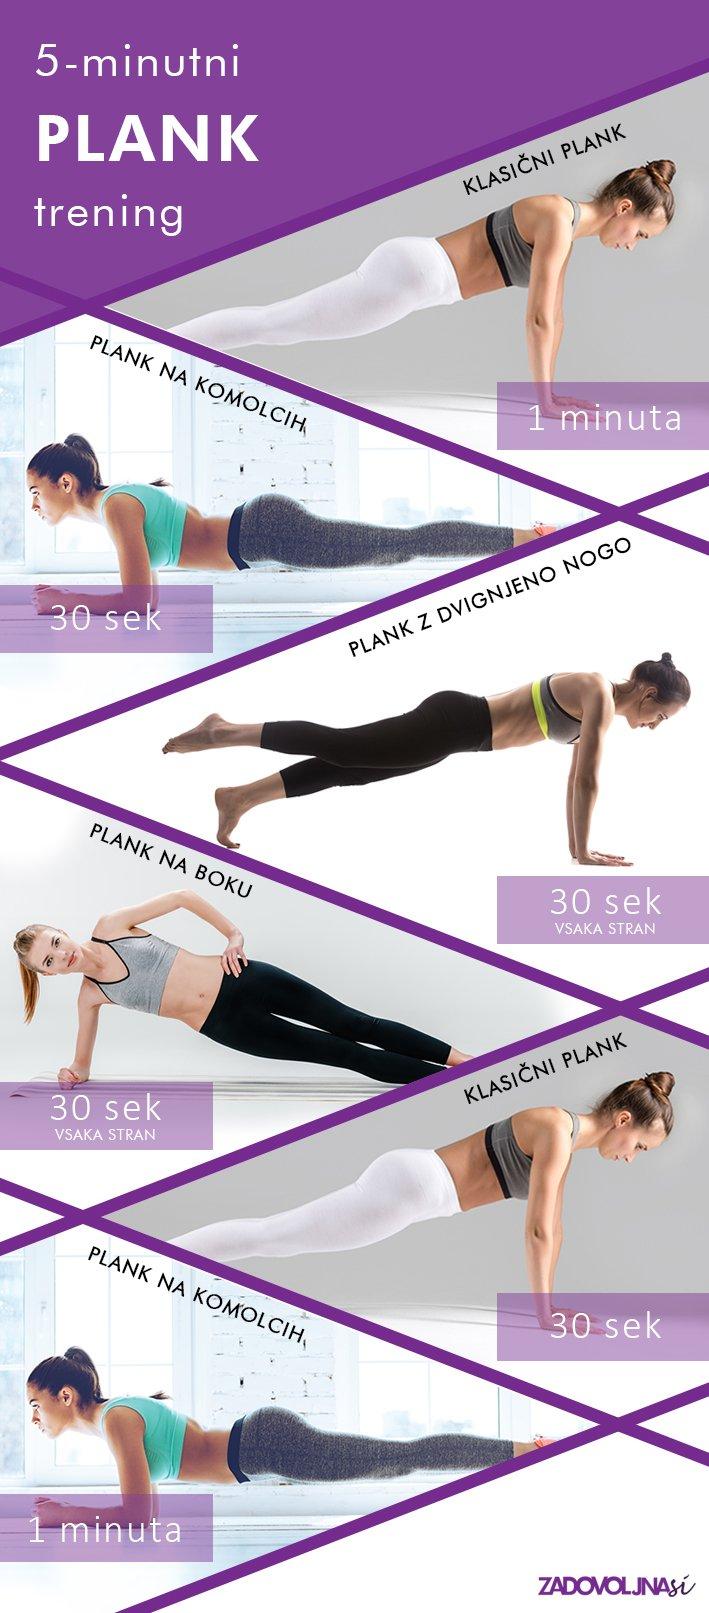 5-minutni plank trening